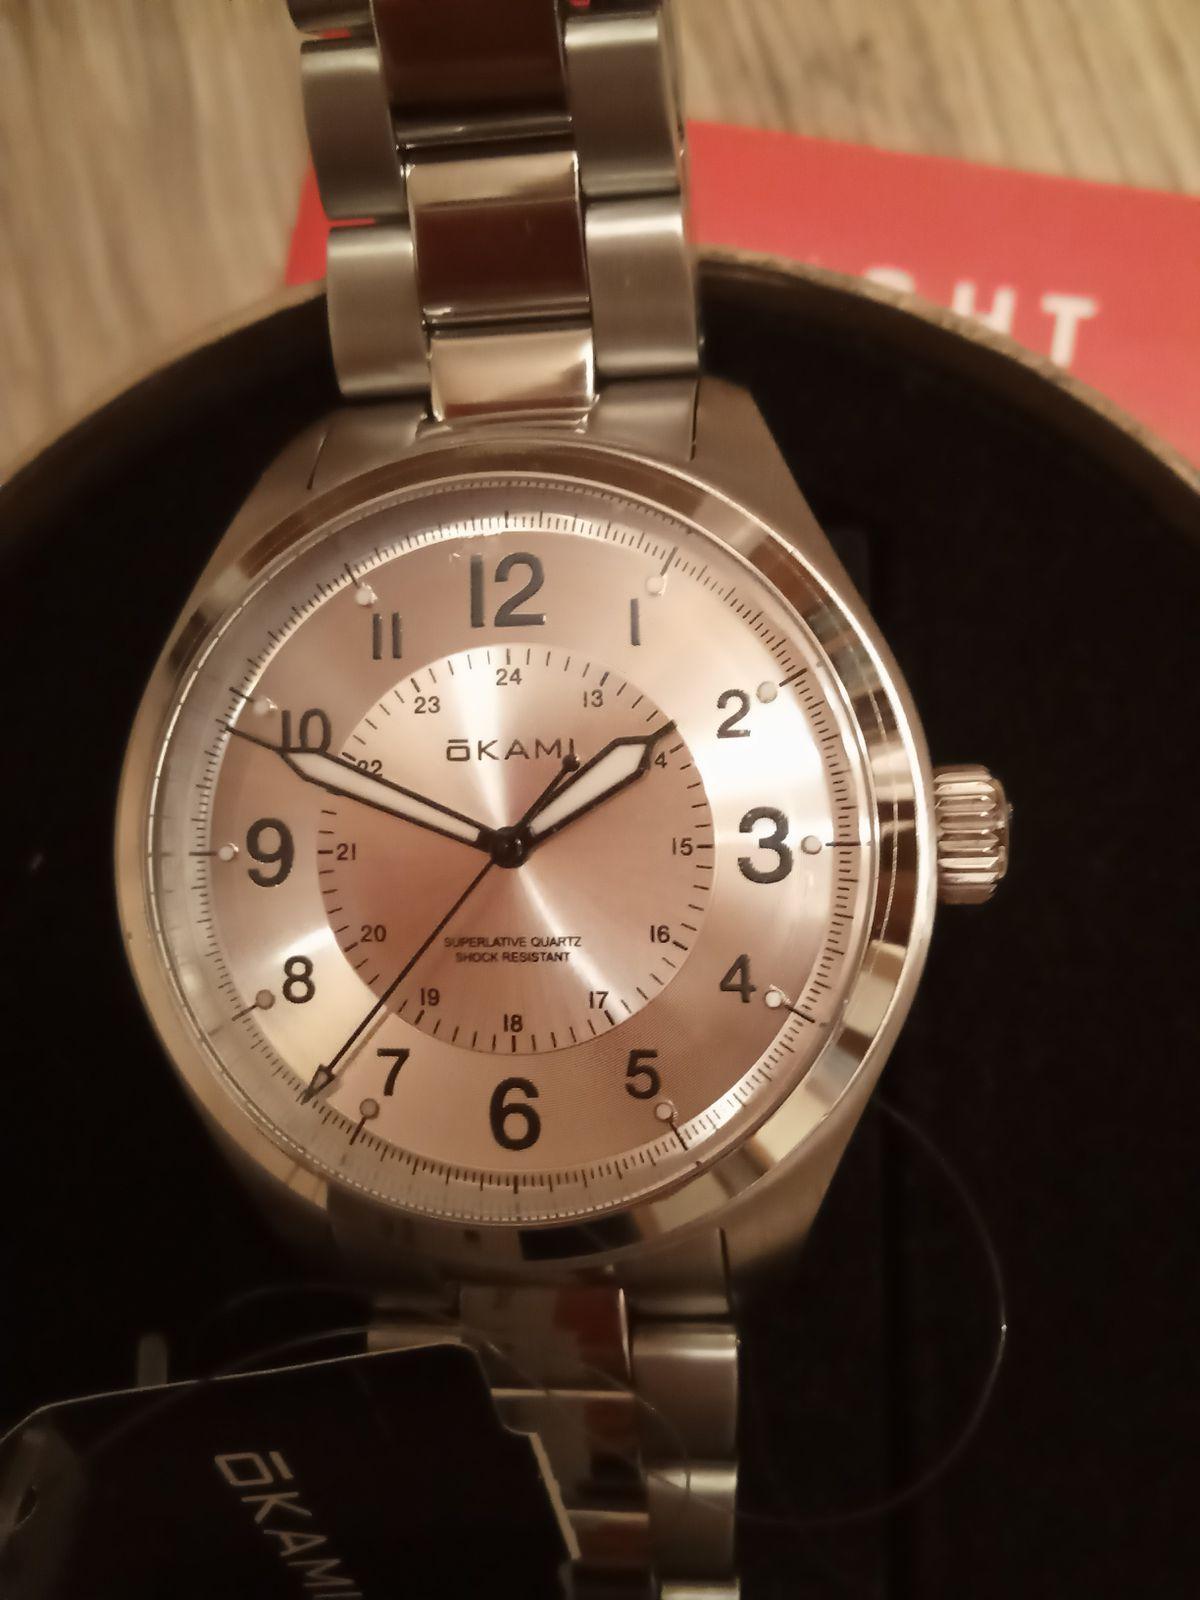 Мужские часы Okami, мужу в подарок на 23 февраля